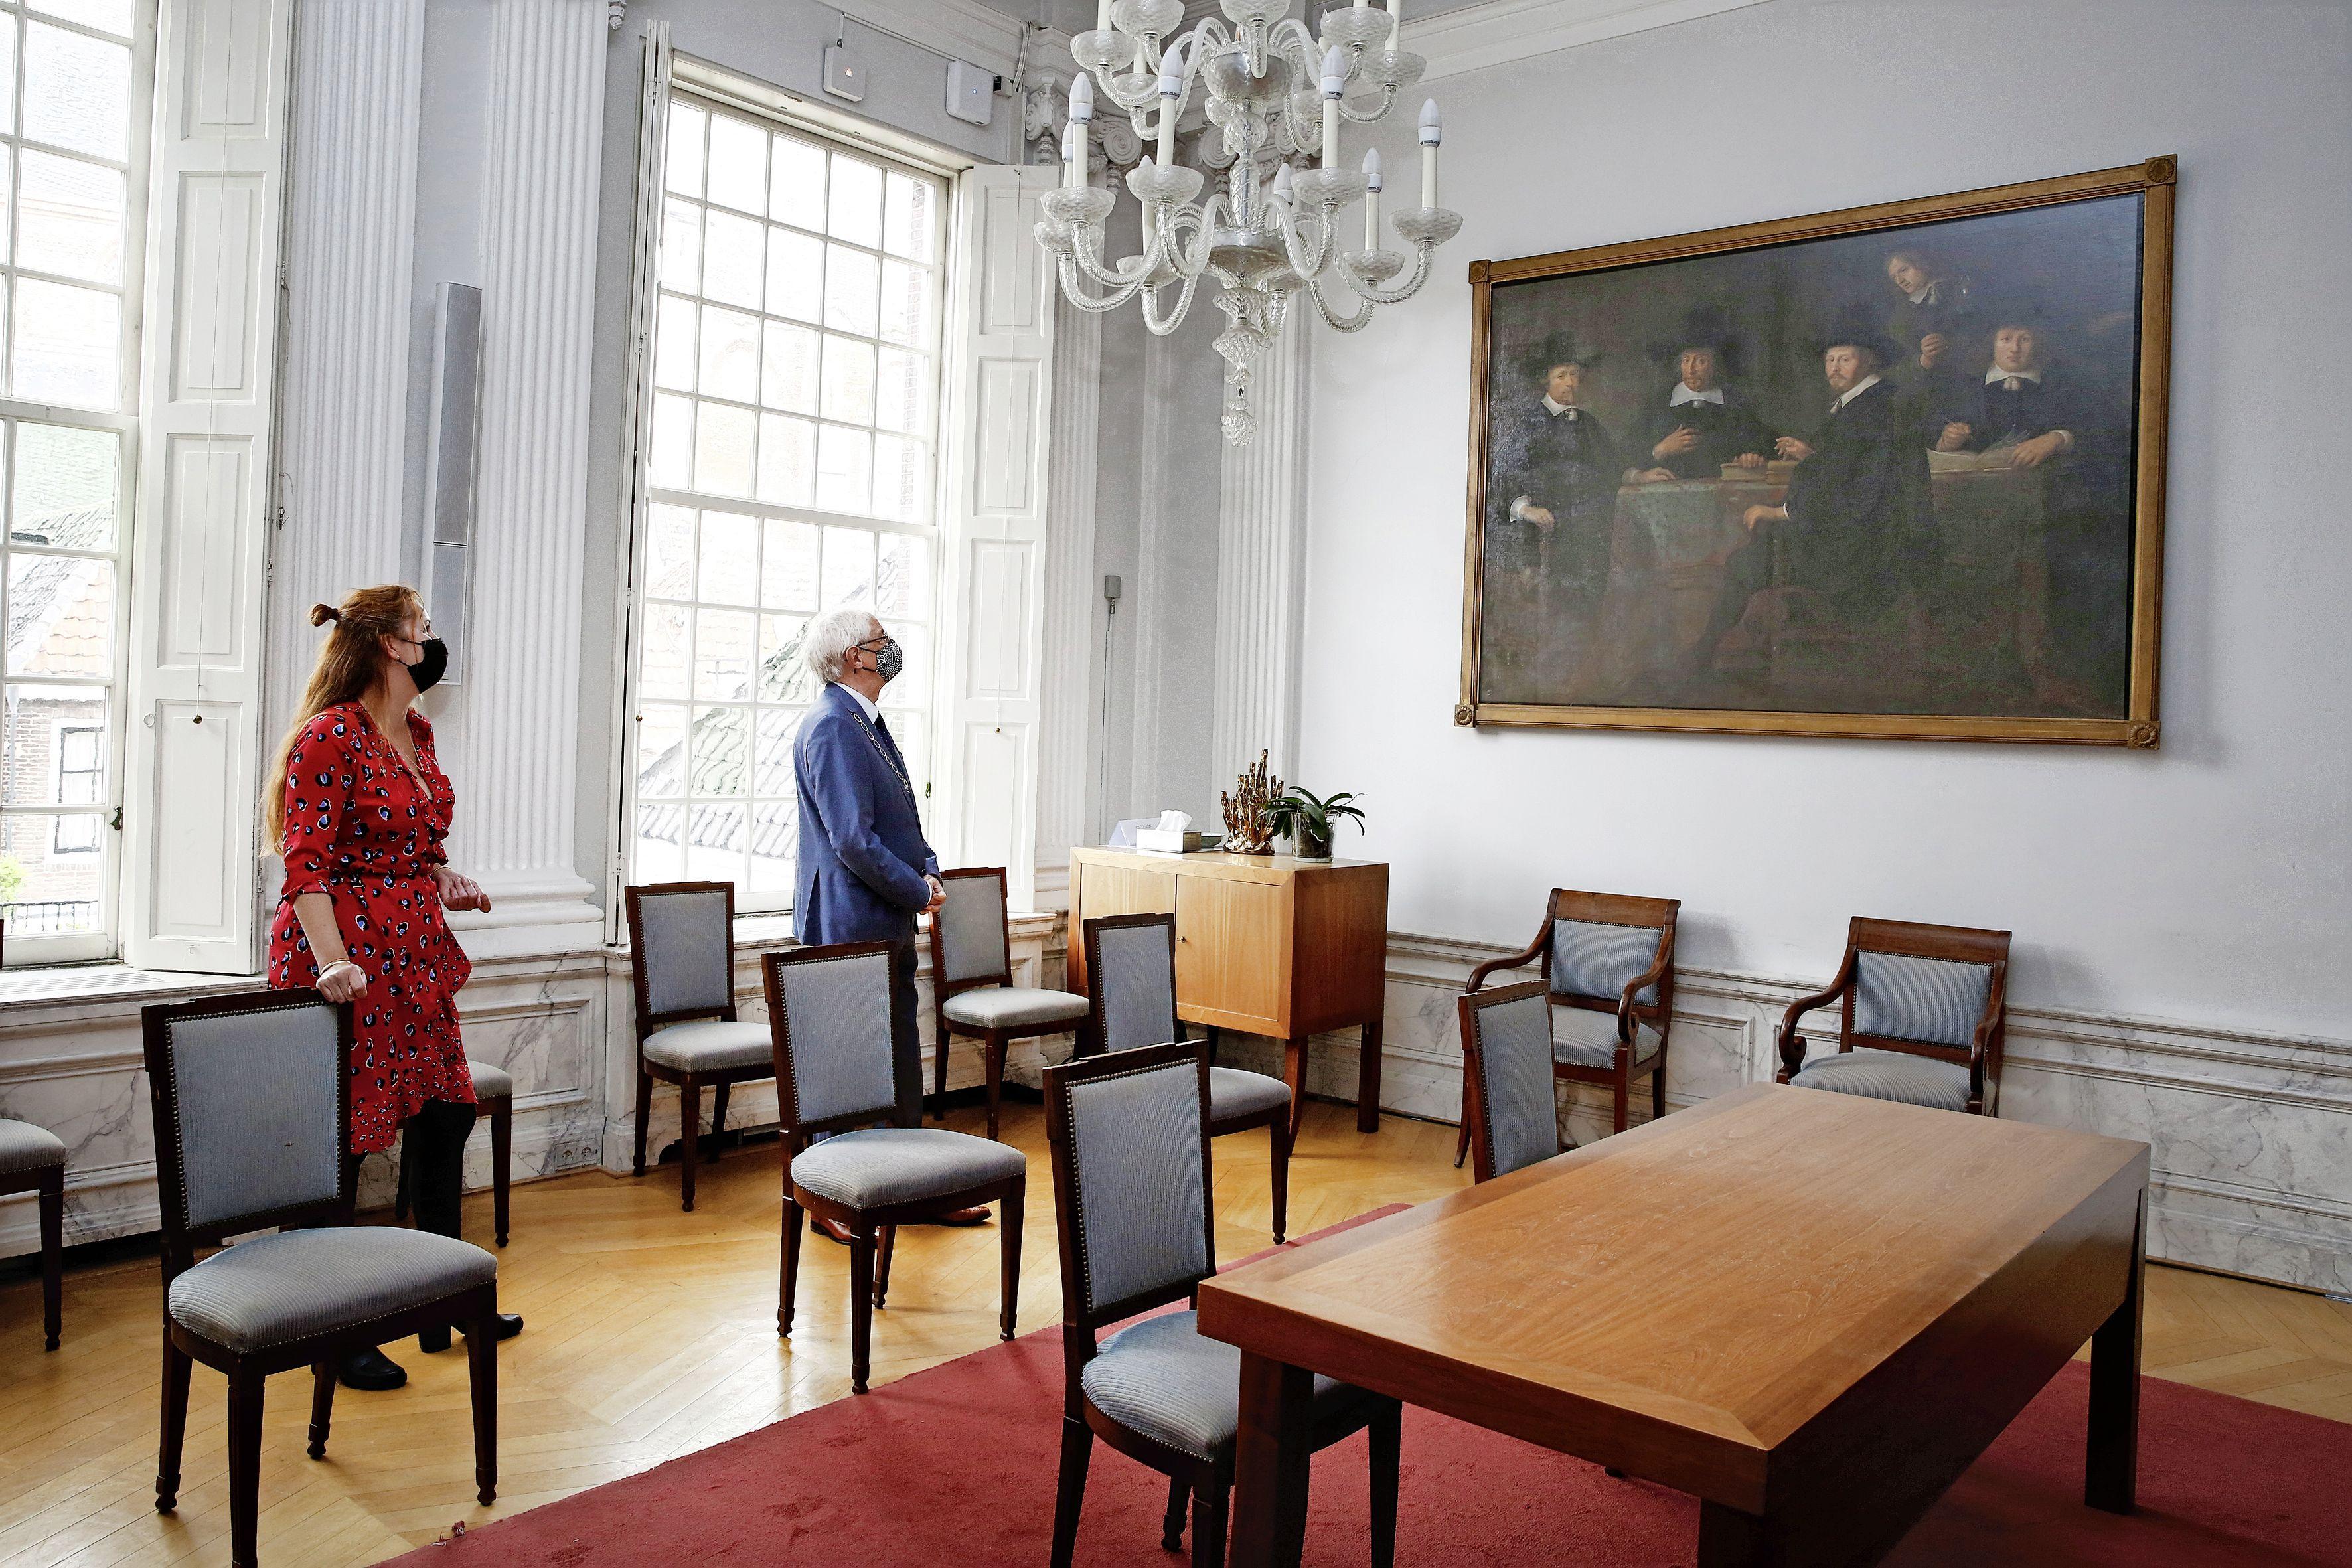 Opgefrist na restauratie: 17e eeuws schilderij Drie Burgemeesters van Weesp terug in de raadzaal van de Vechtstad; Museum hoopt snel deuren te kunnen openen